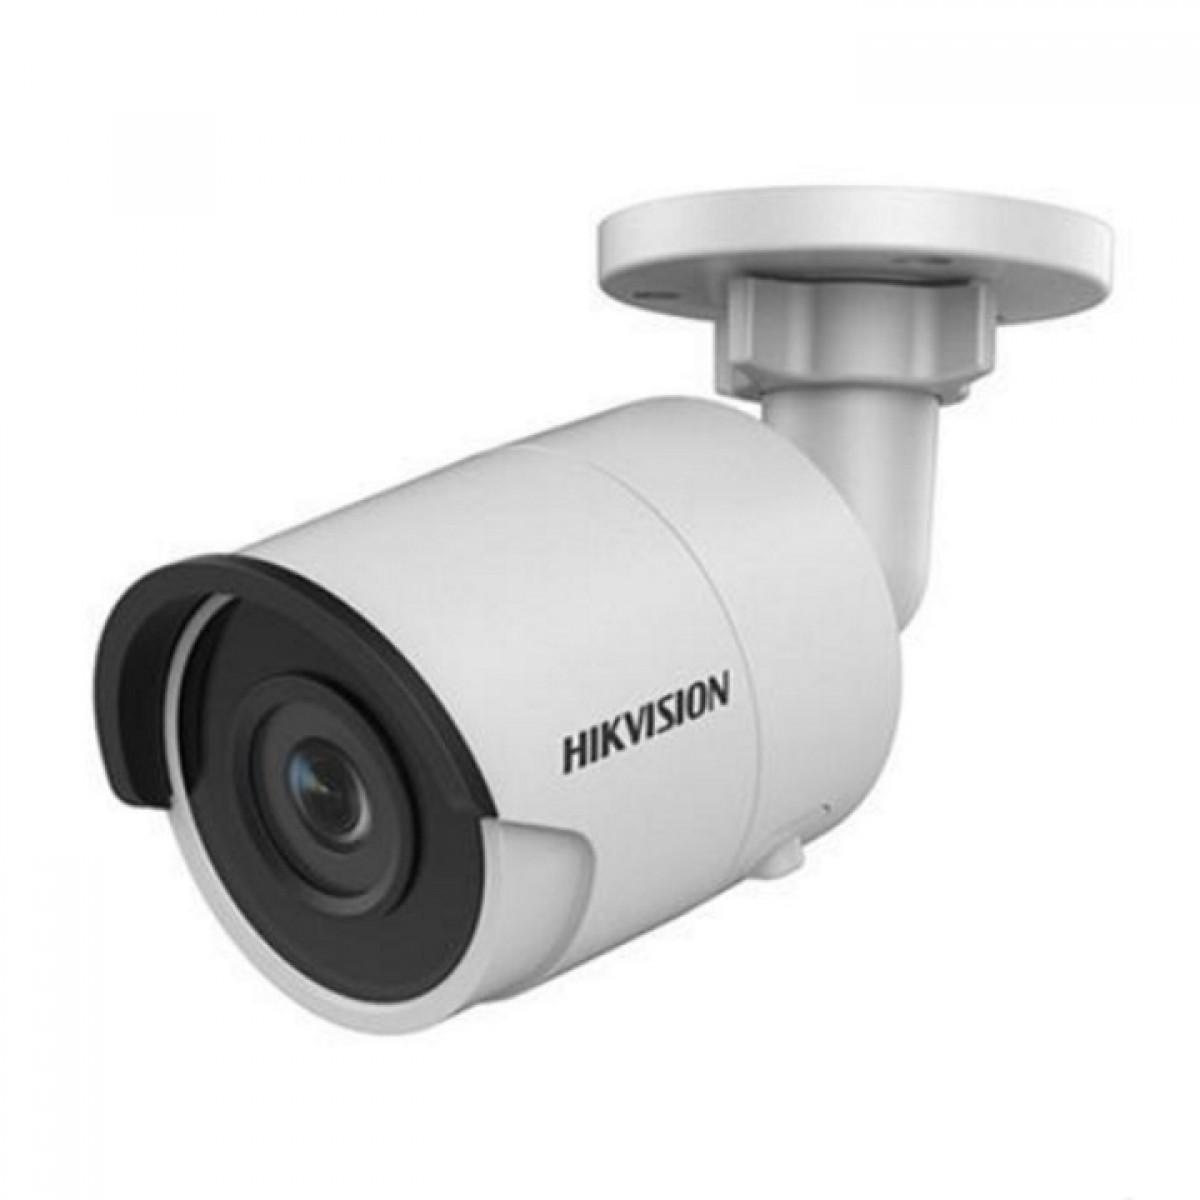 Hikvision DS-2CD2055FWD-I 4mm